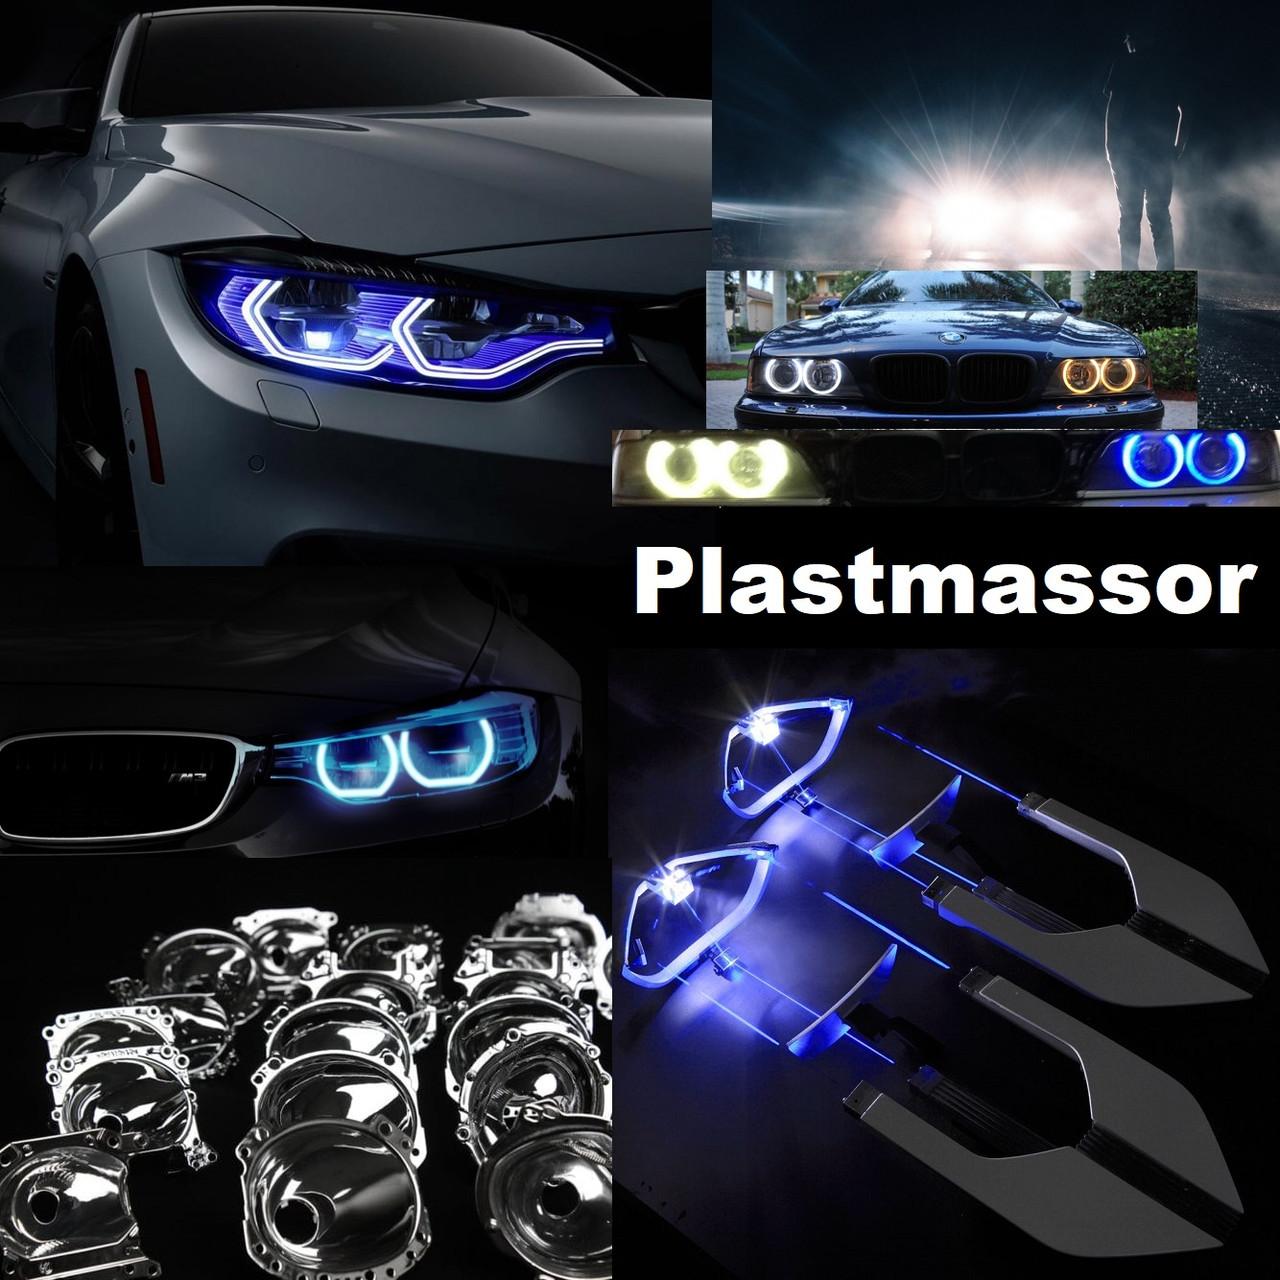 Ремонт Plastmassor вакуумная металлизация восстановление отражателей фар Dacia